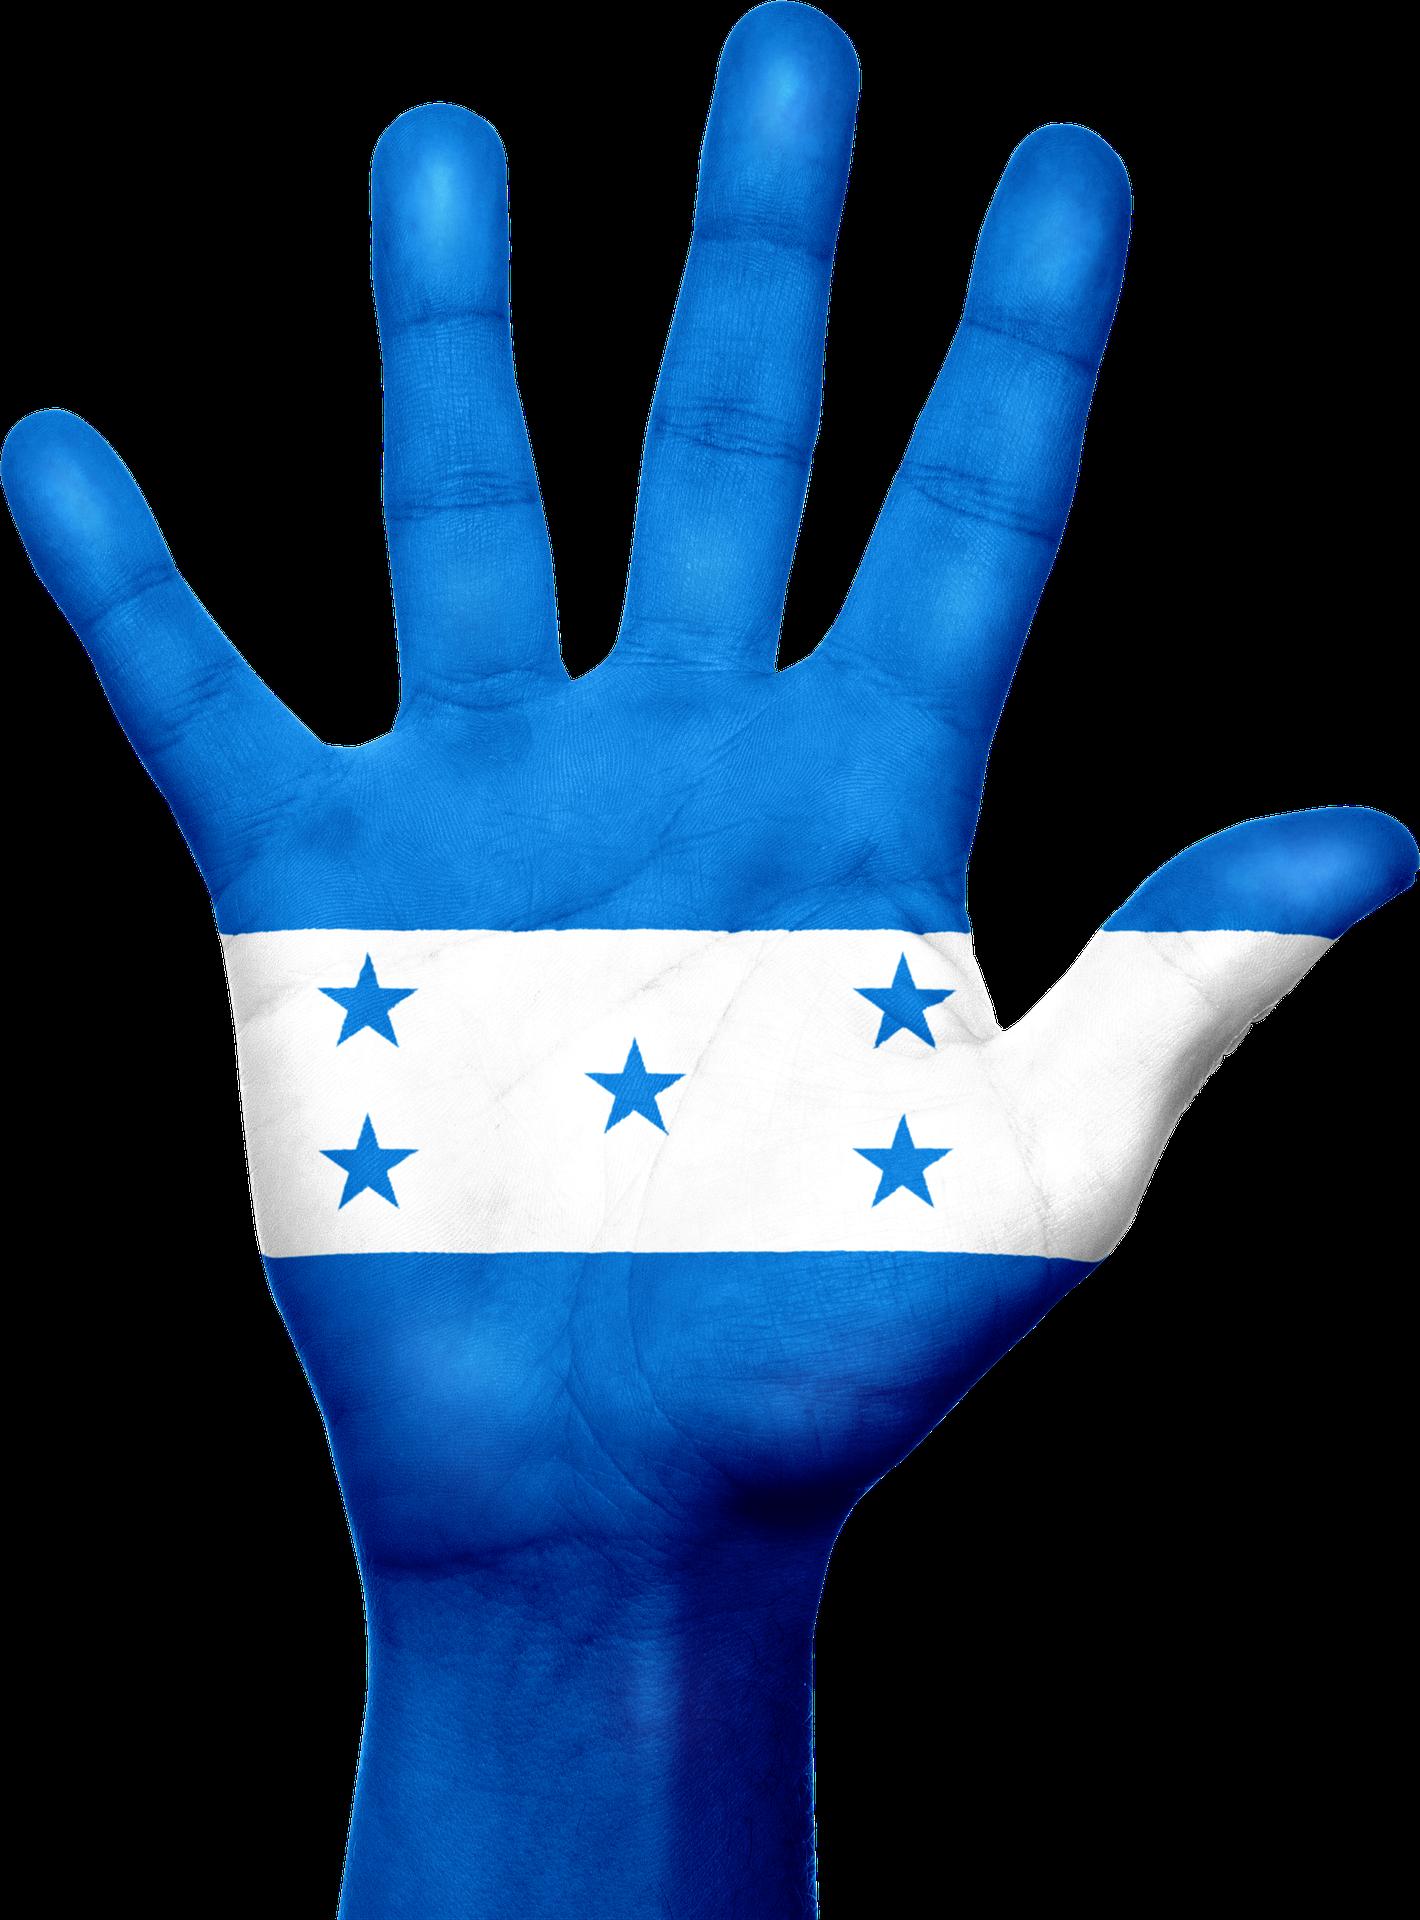 honduras-987023_1920